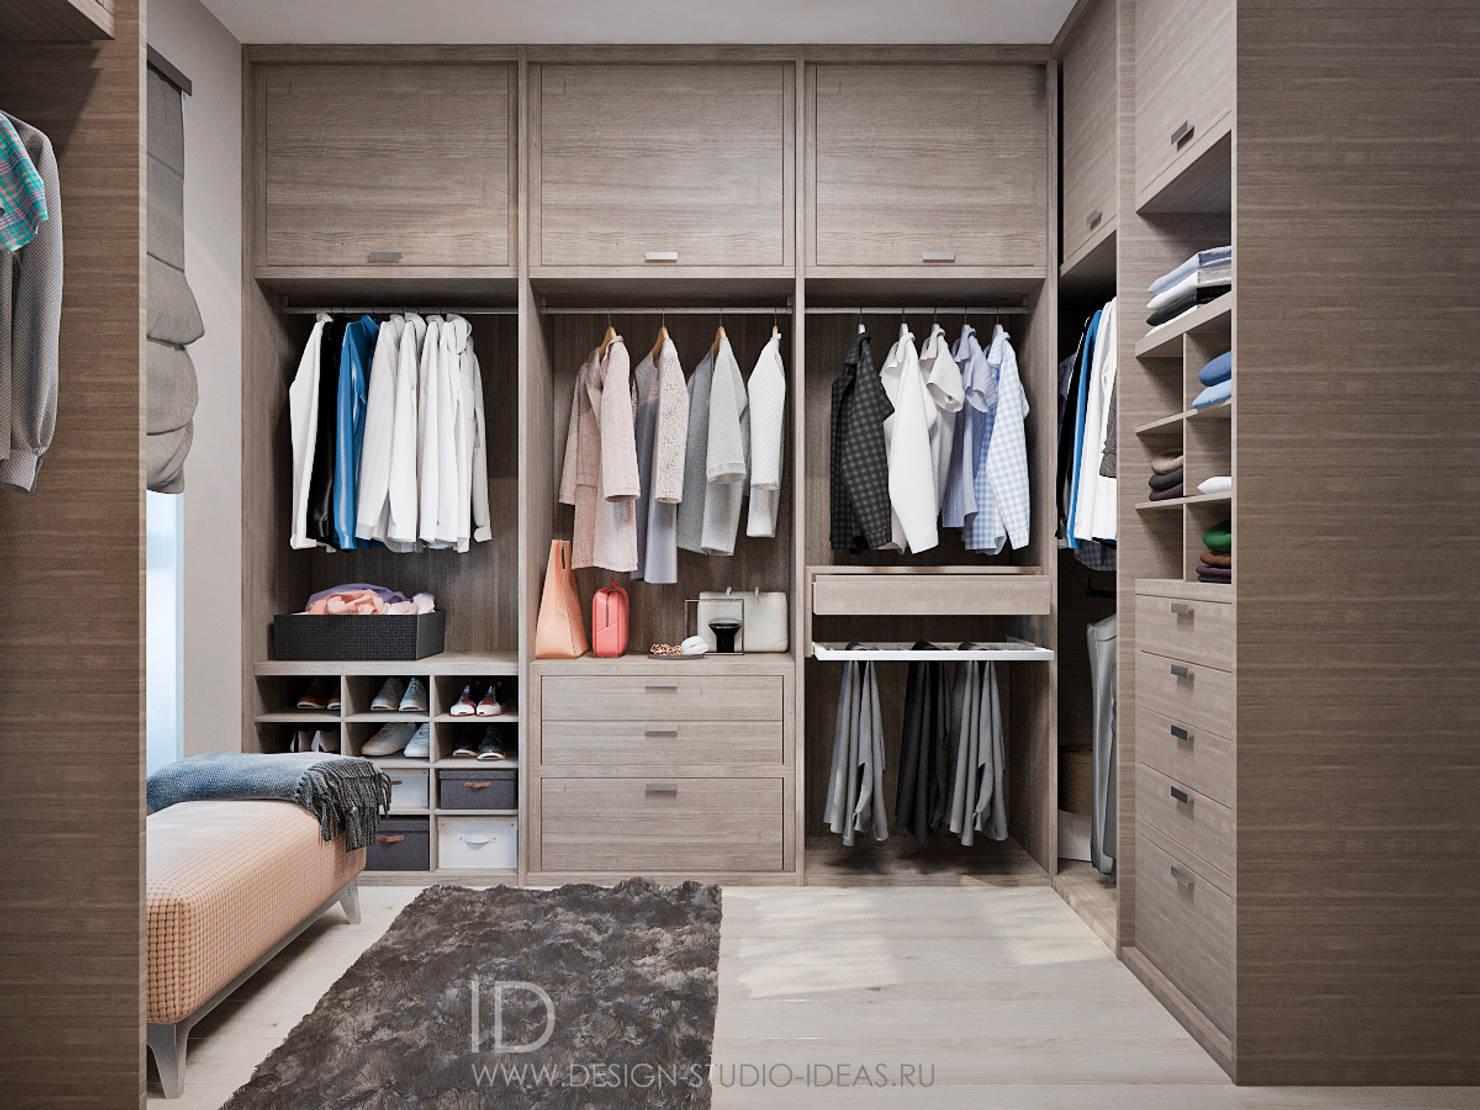 10 ideias práticas para organizar o seu closet